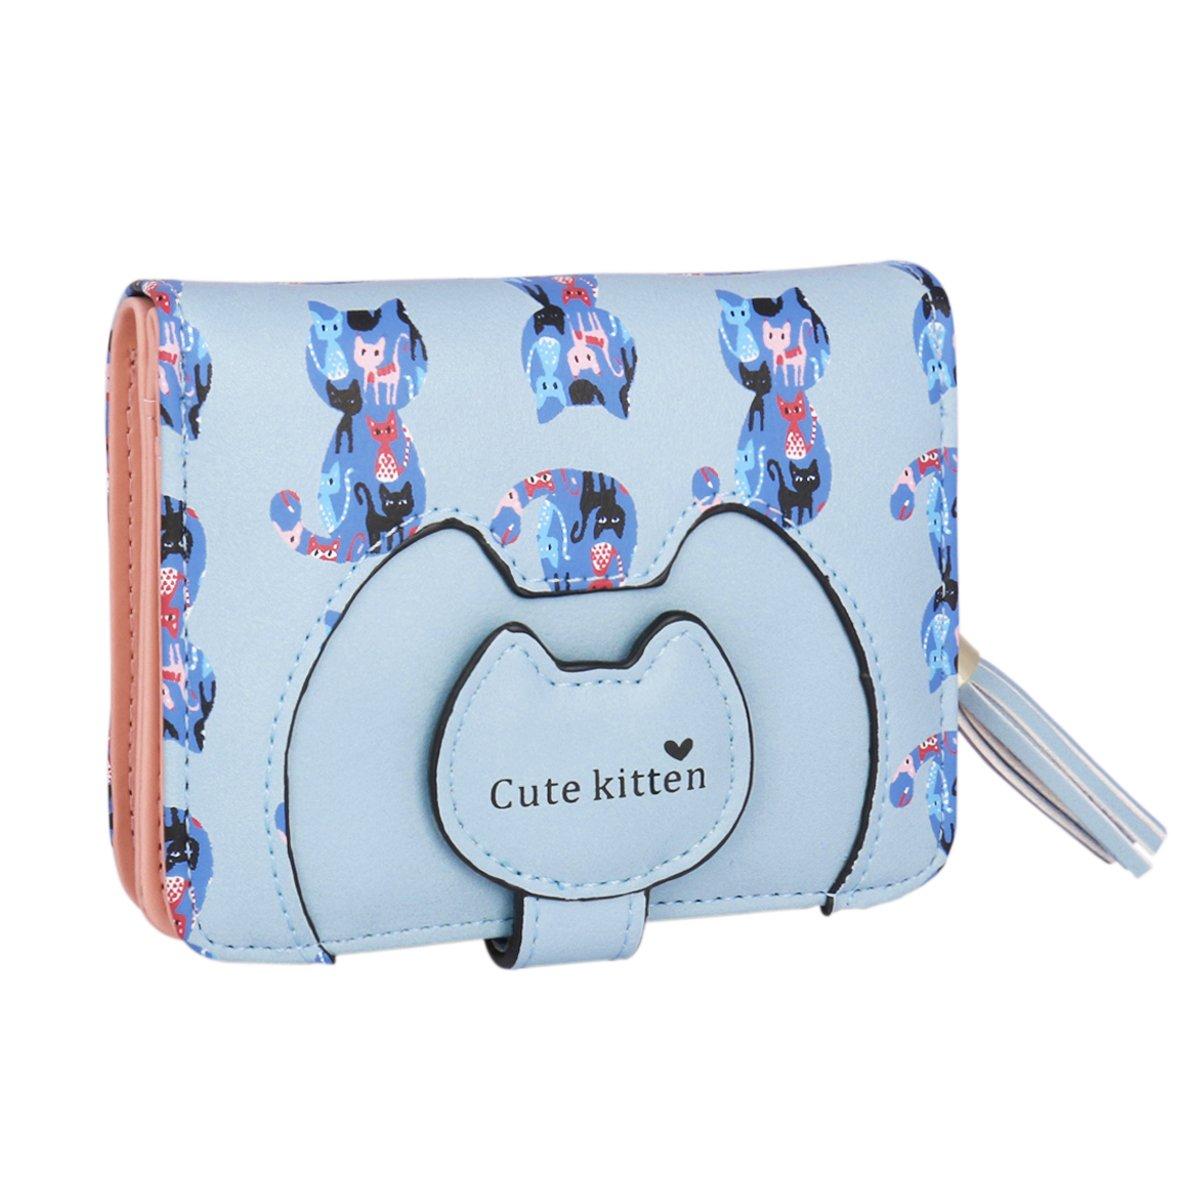 Adoptfade Womens Cute Cat Wallet Tassel Small Coin Purse,Blue